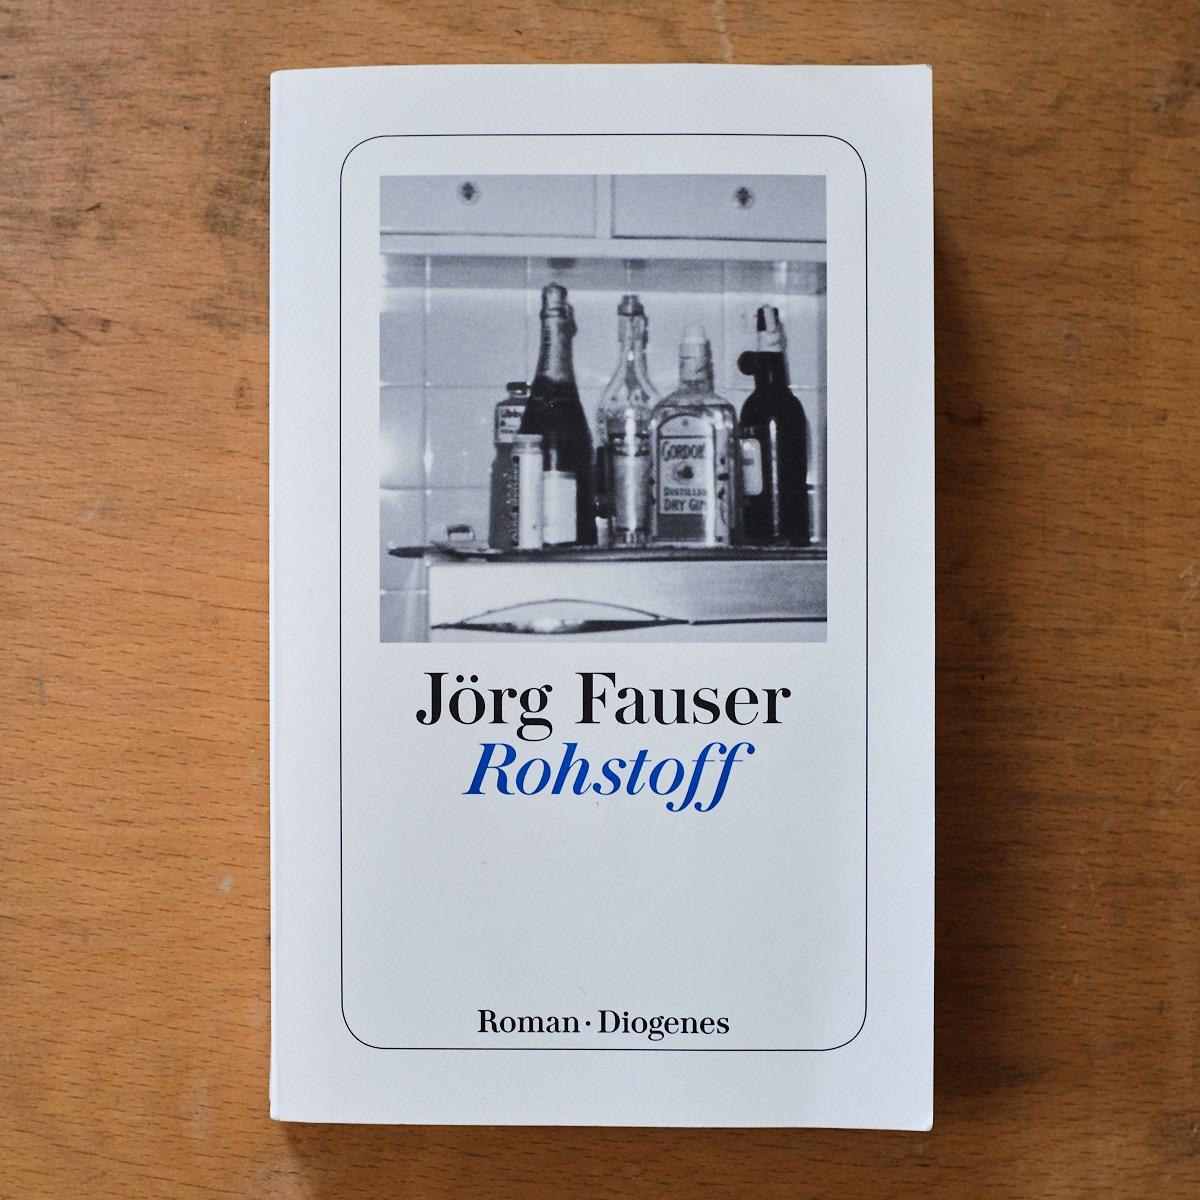 Jörg Fauser. Rohstoff  (Zürich: Diogenes, 2009 [1984])    Gasteintrag vom 27.06.2018